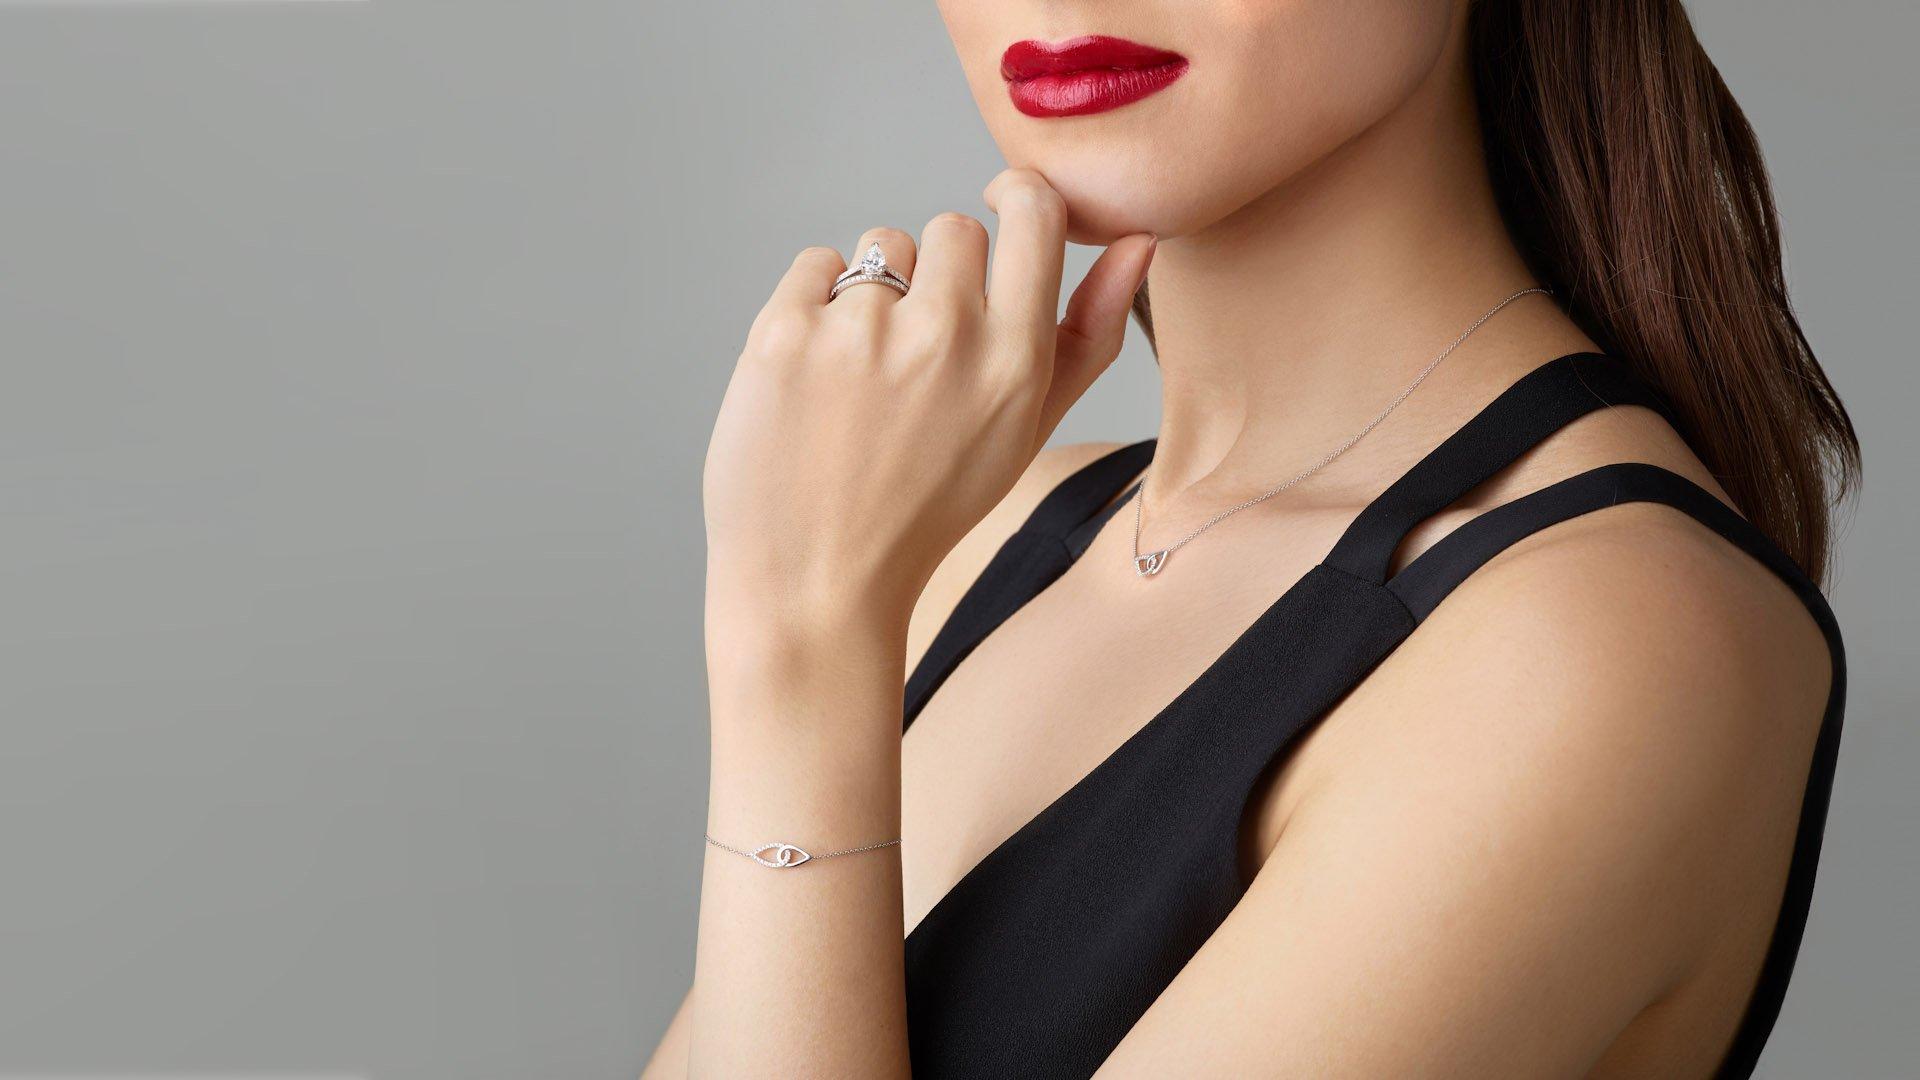 jewellery work by a model